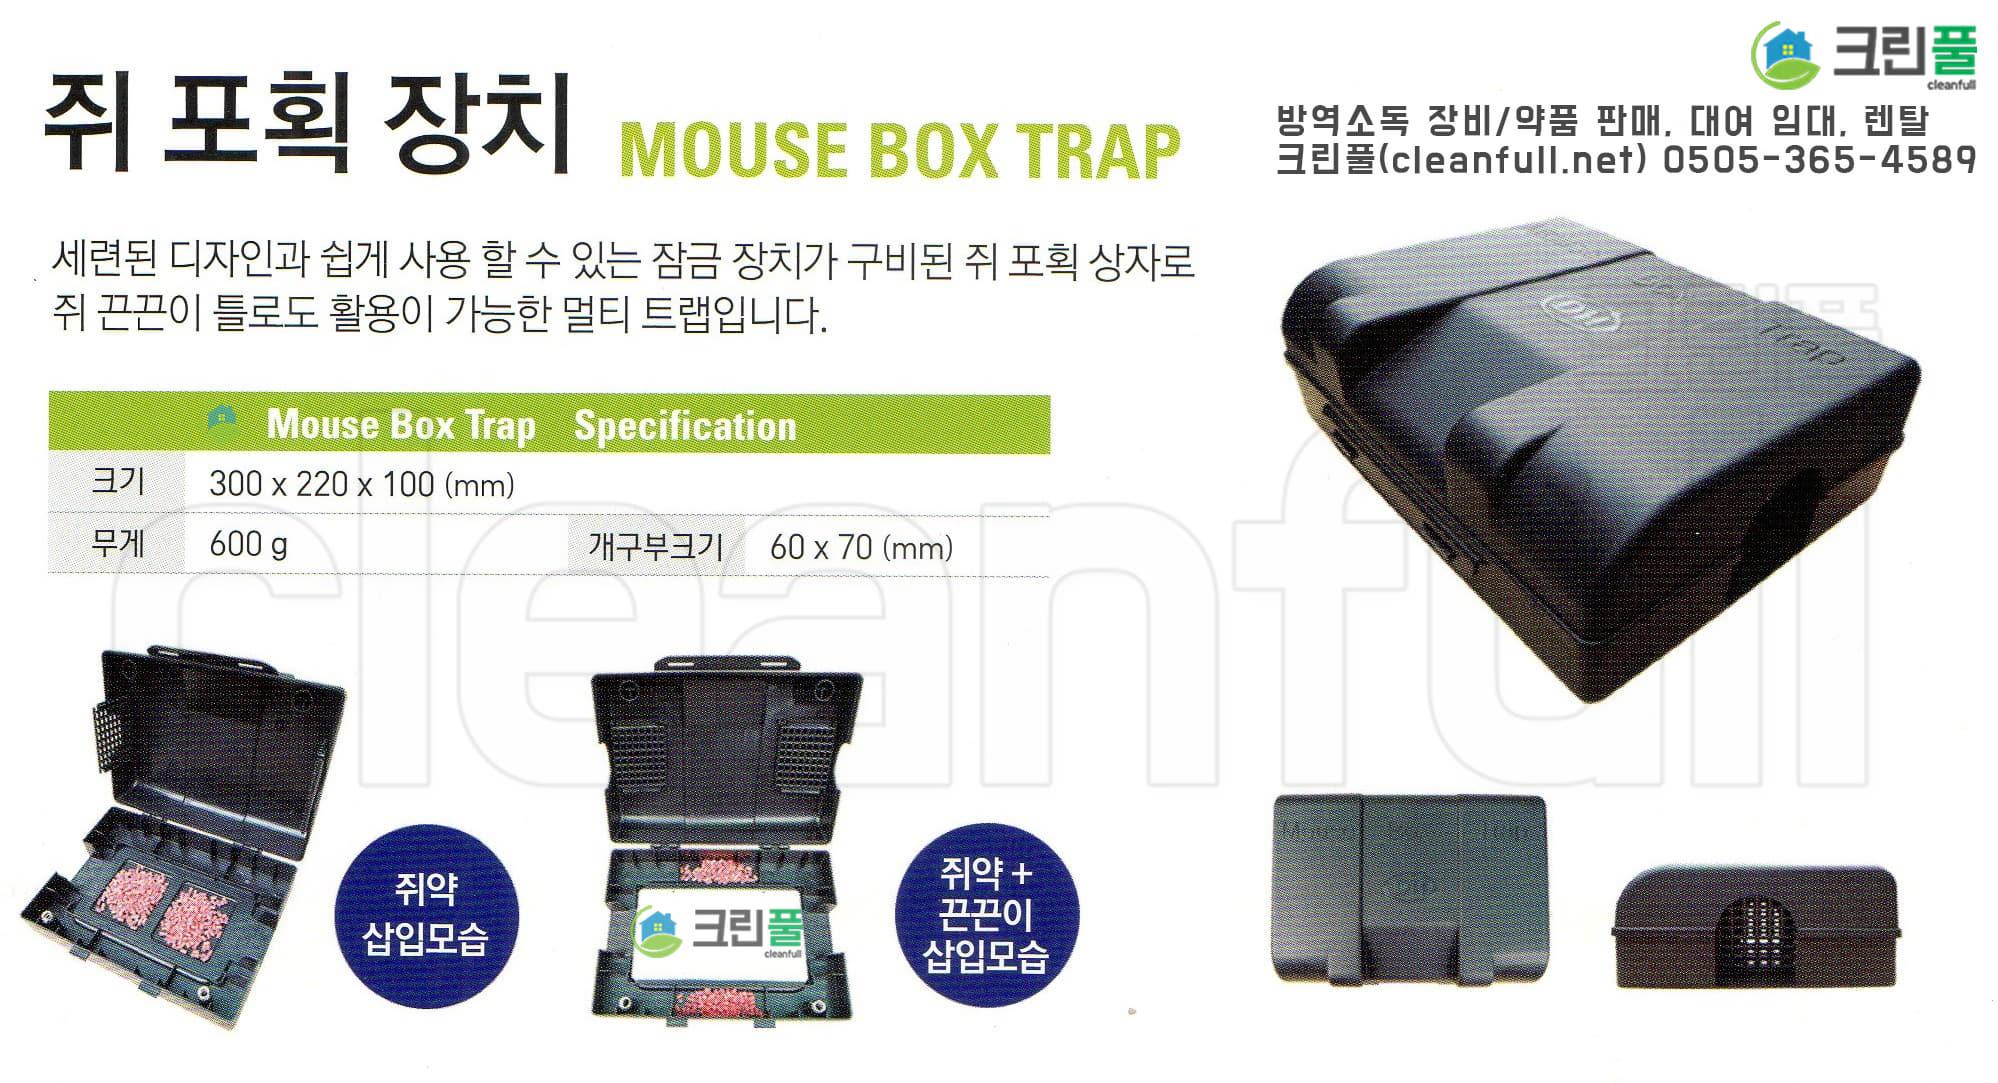 [카탈로그] DH쥐끈끈이틀 / 쥐포획상자 / 마우스트랩